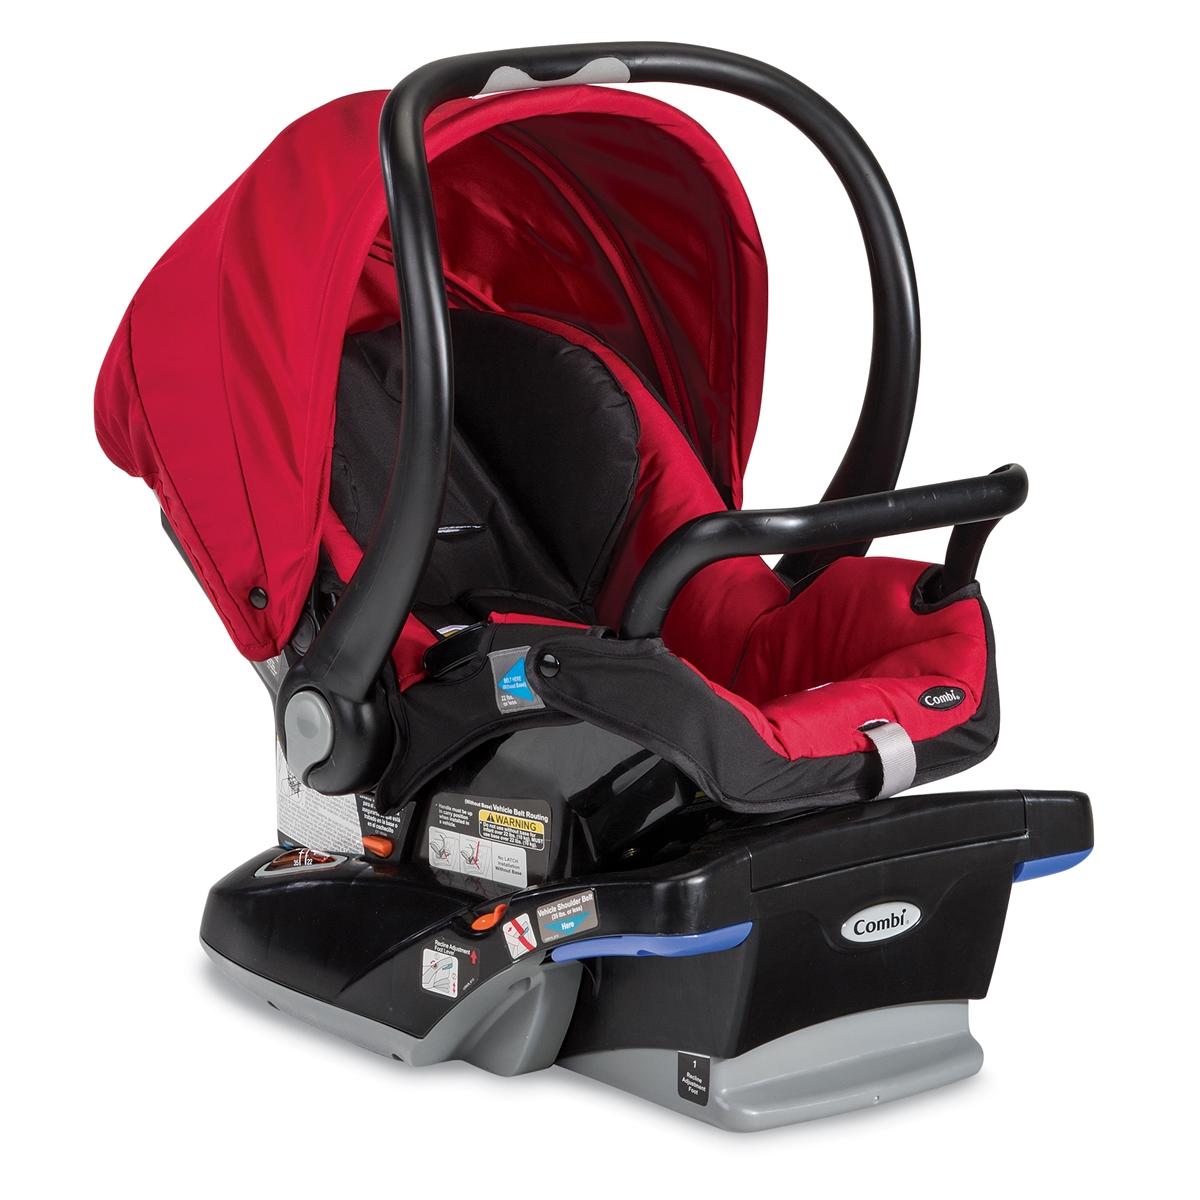 shuttle infant car seat. Black Bedroom Furniture Sets. Home Design Ideas